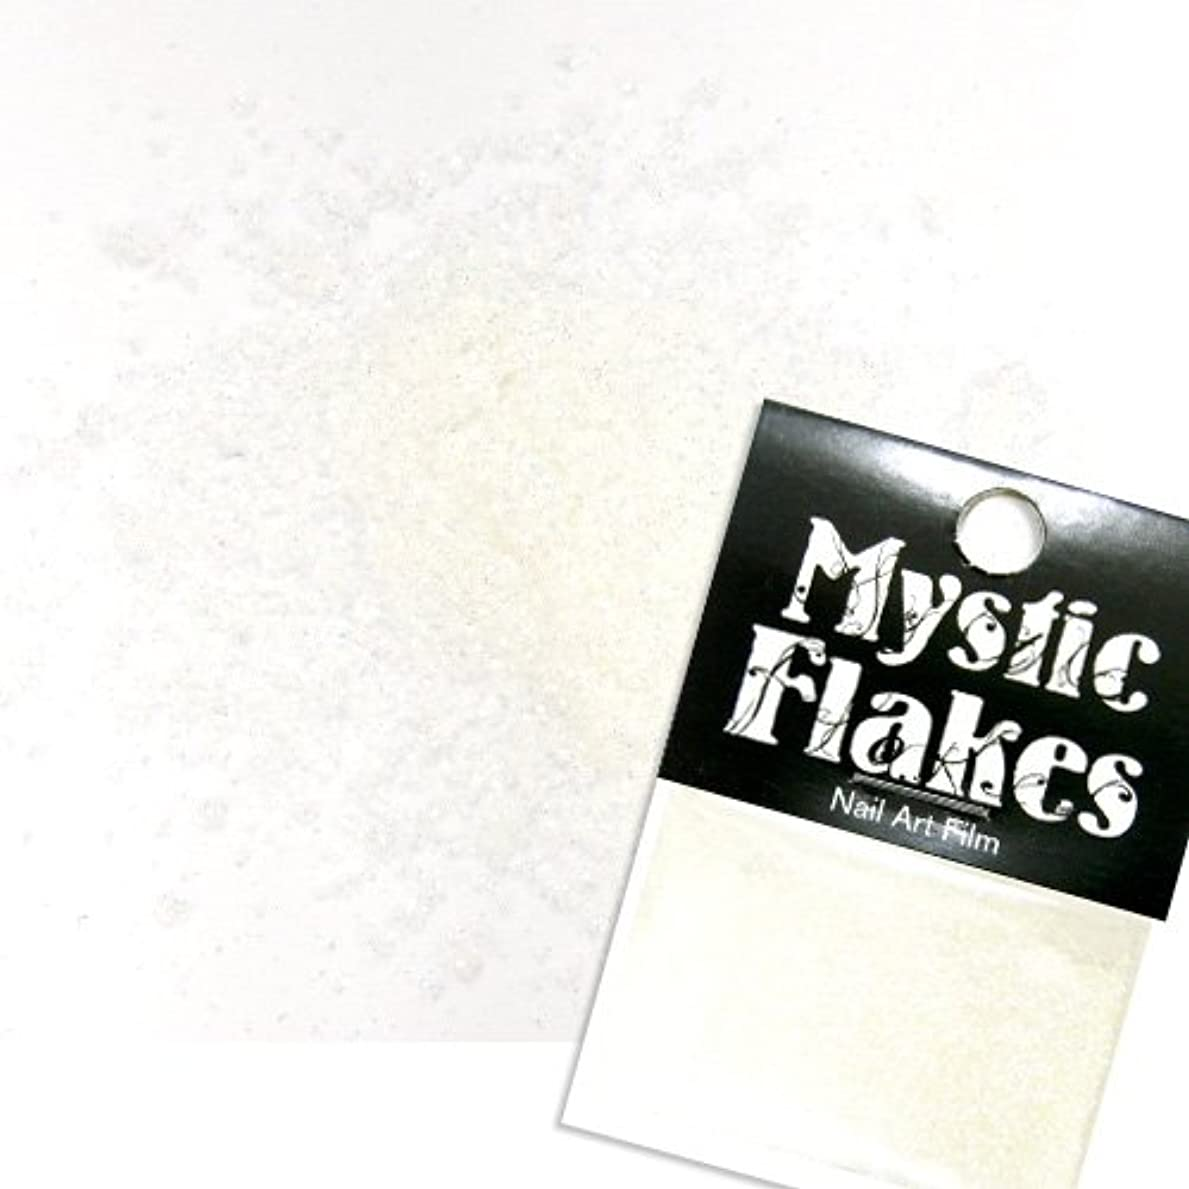 朝失速以下ミスティックフレース ネイル用ストーン オーロラホワイト ラメシャイン 0.5g